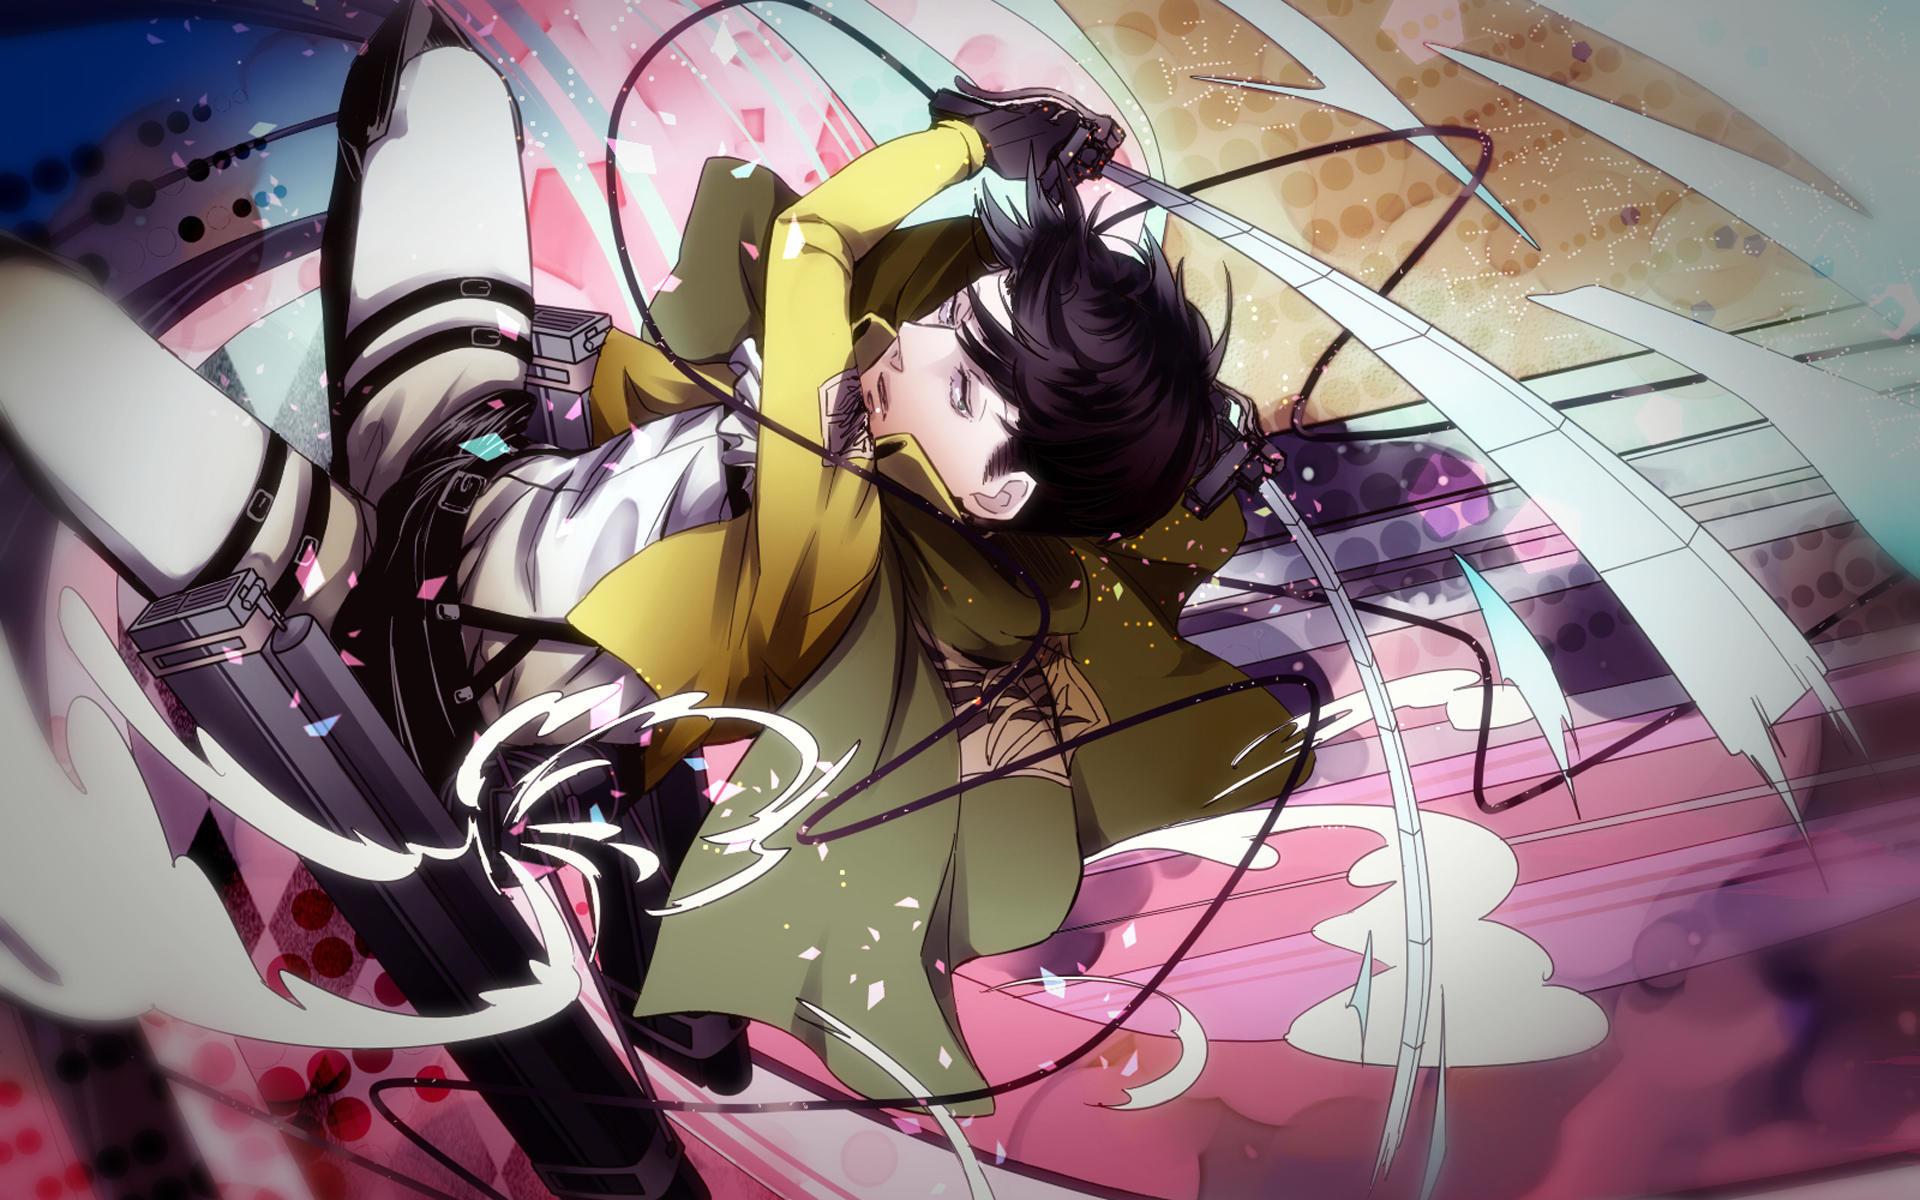 Attack on Titan wallpaper   Attack on Titan free wallpaper   hd  Animation wallpaper free